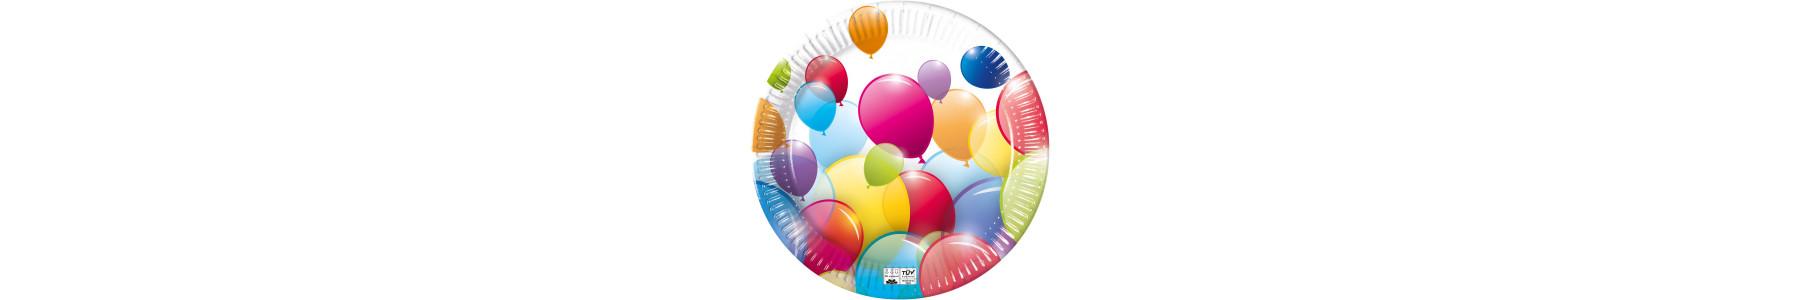 Articole party baloane